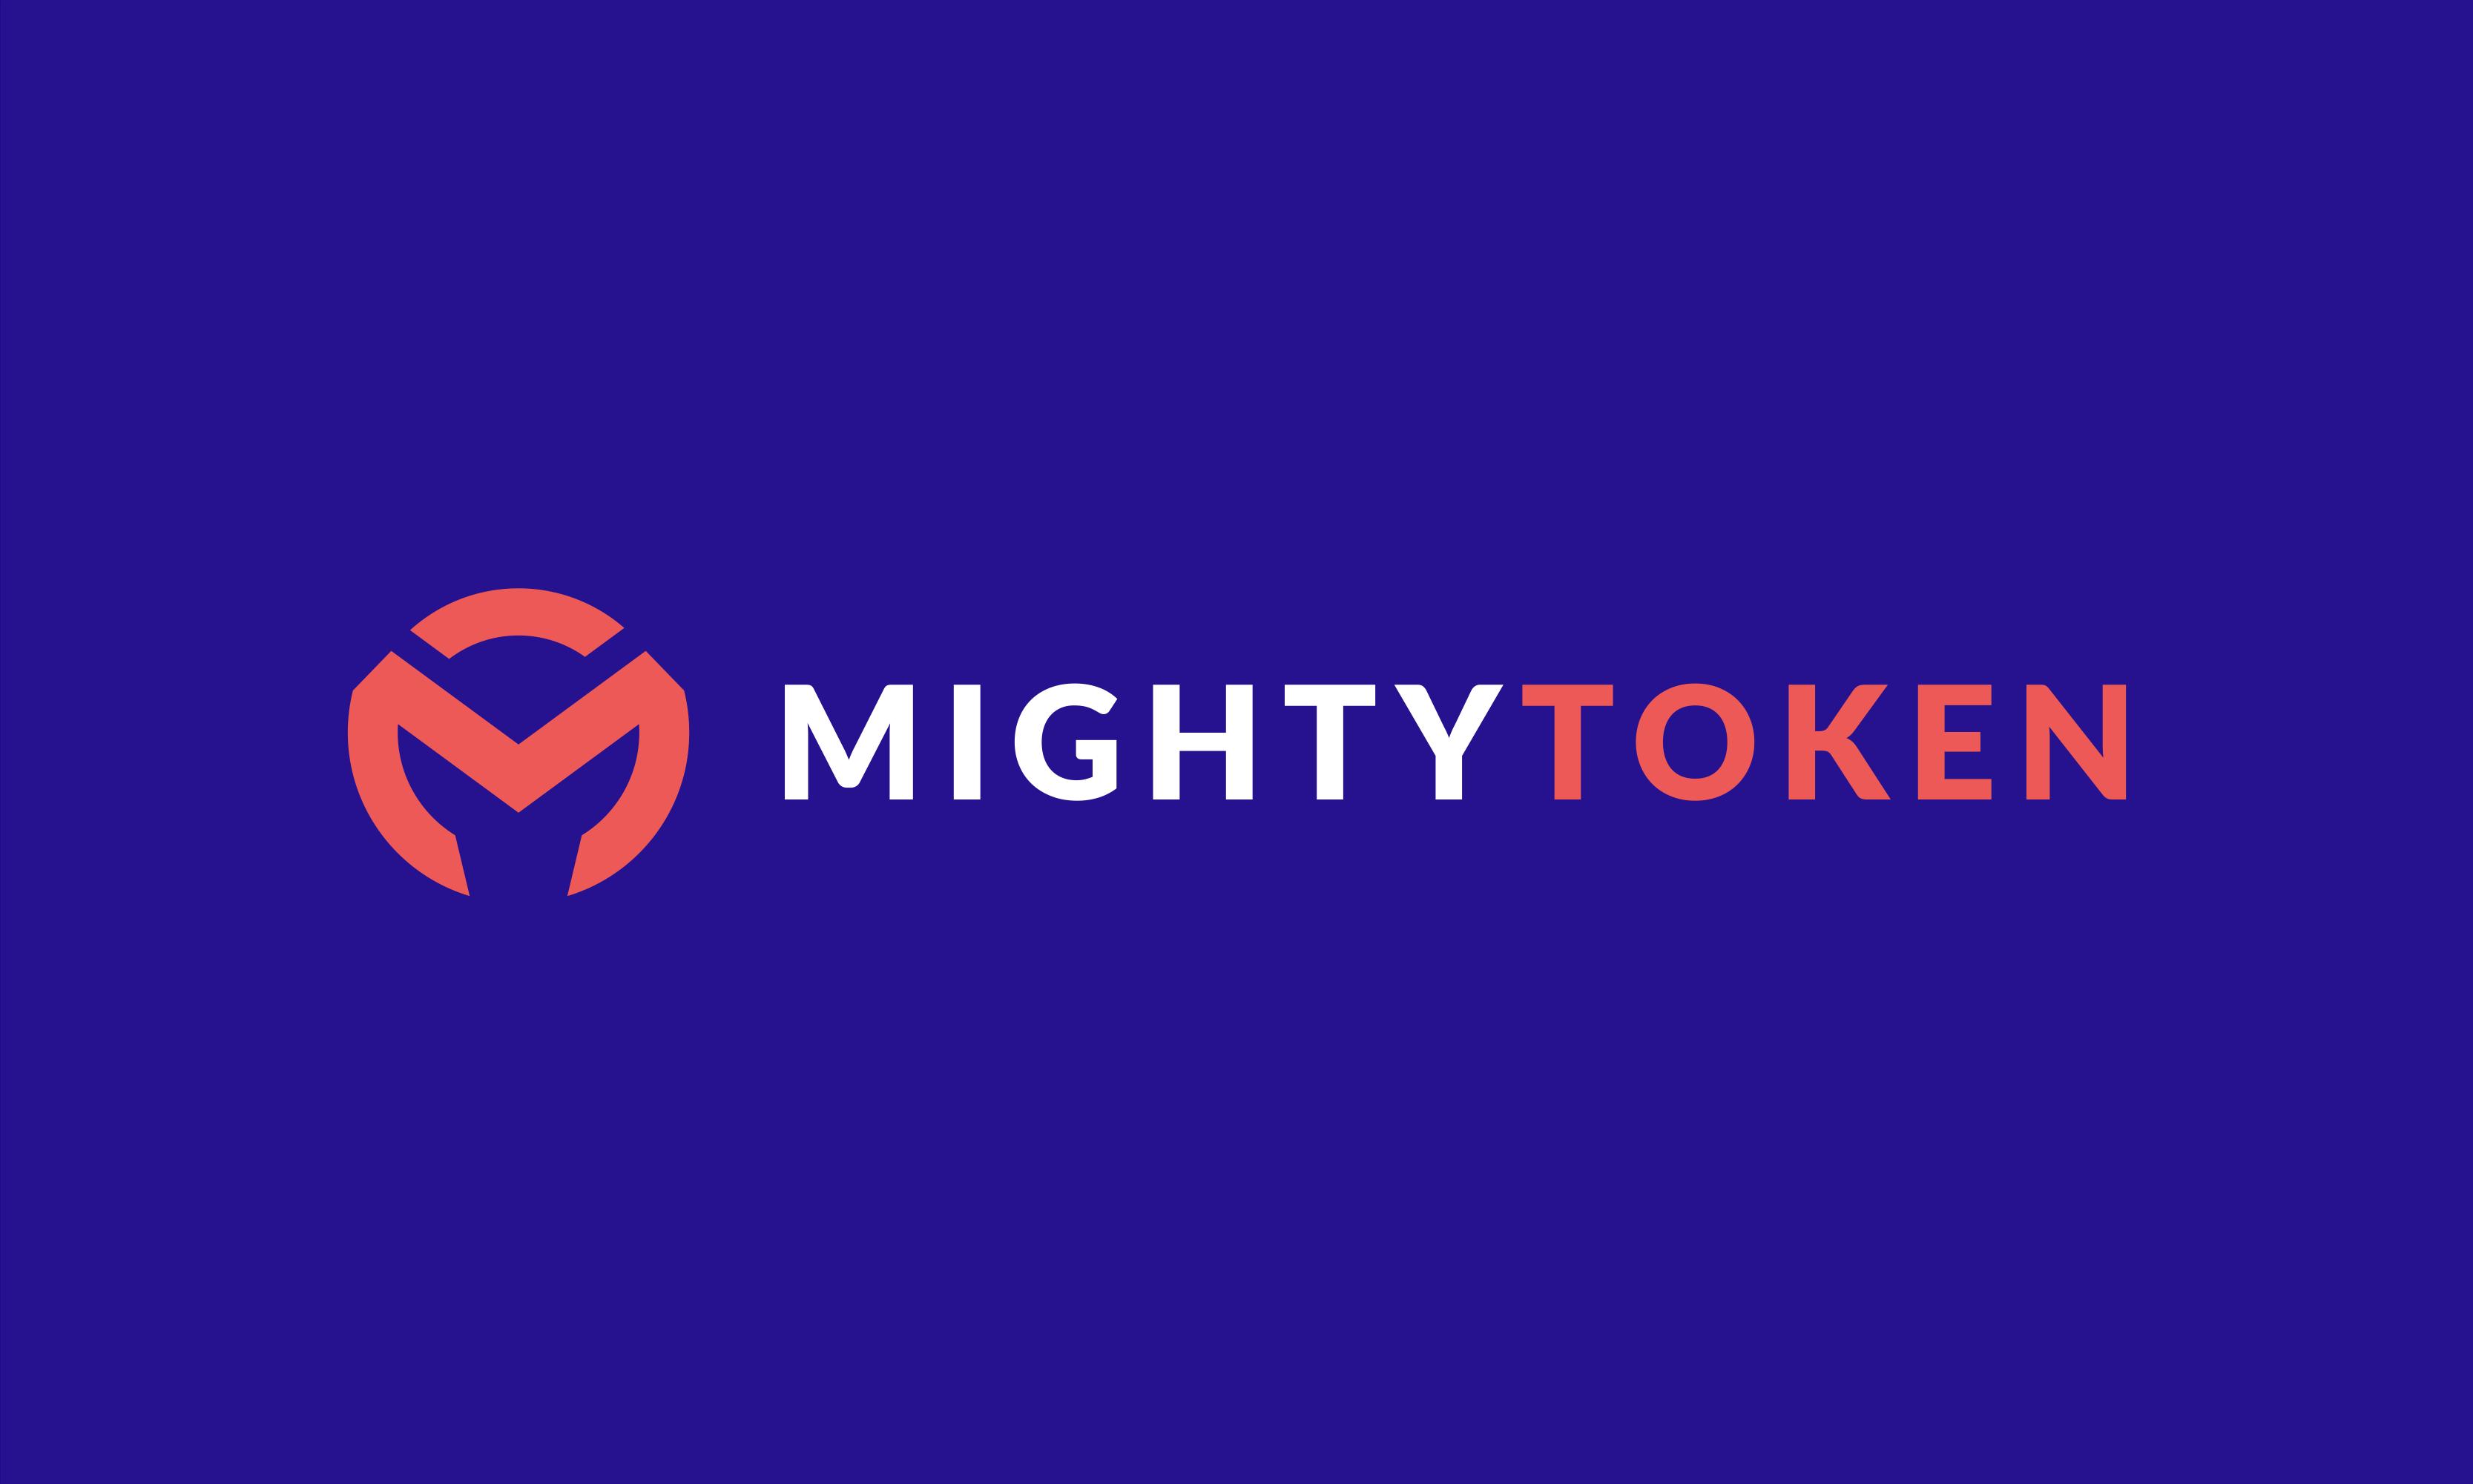 Mightytoken